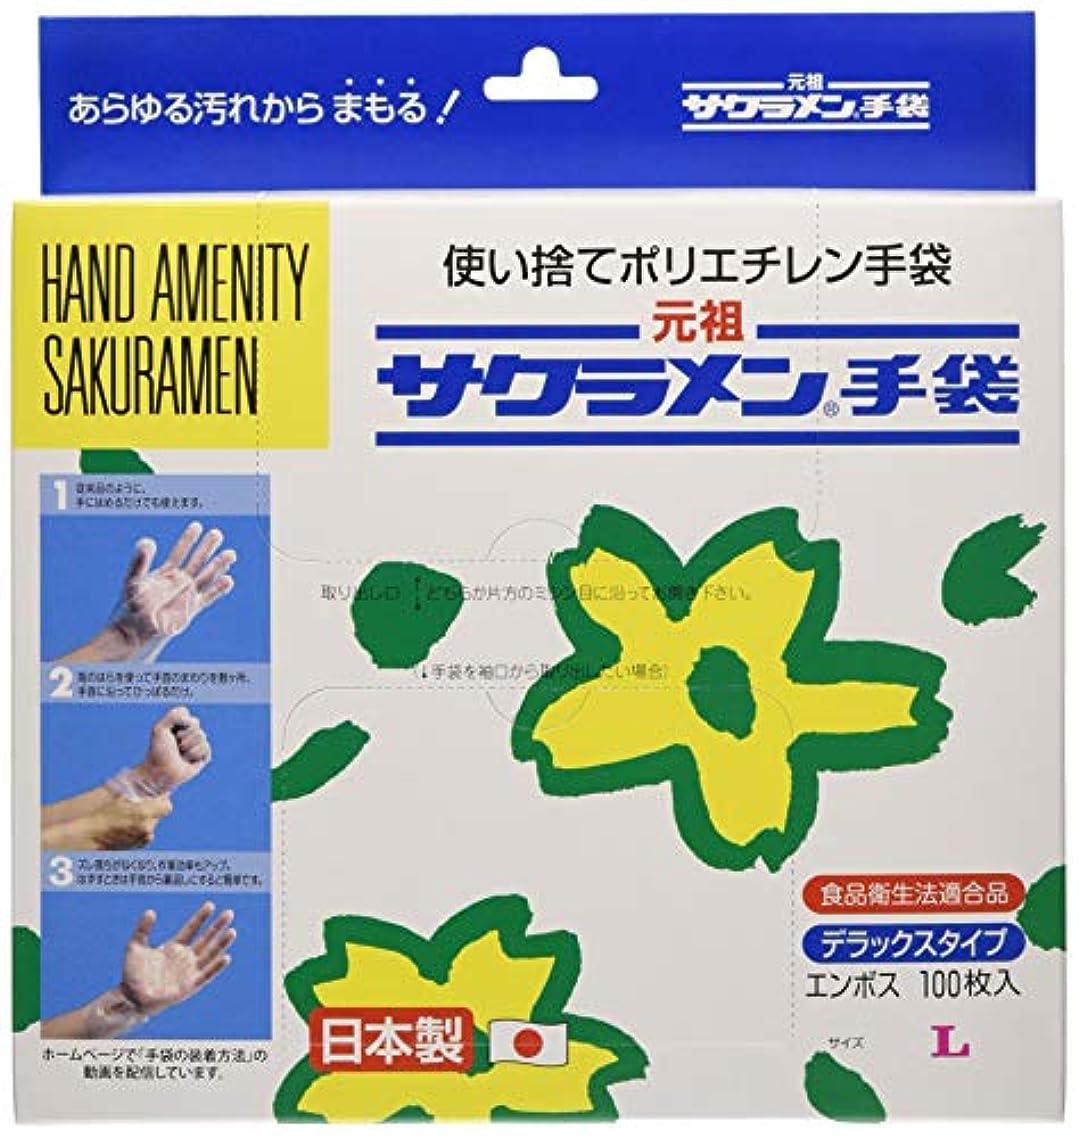 前者確認してください運命的なサクラメン手袋 デラックス(100枚入)L ピンク 35μ